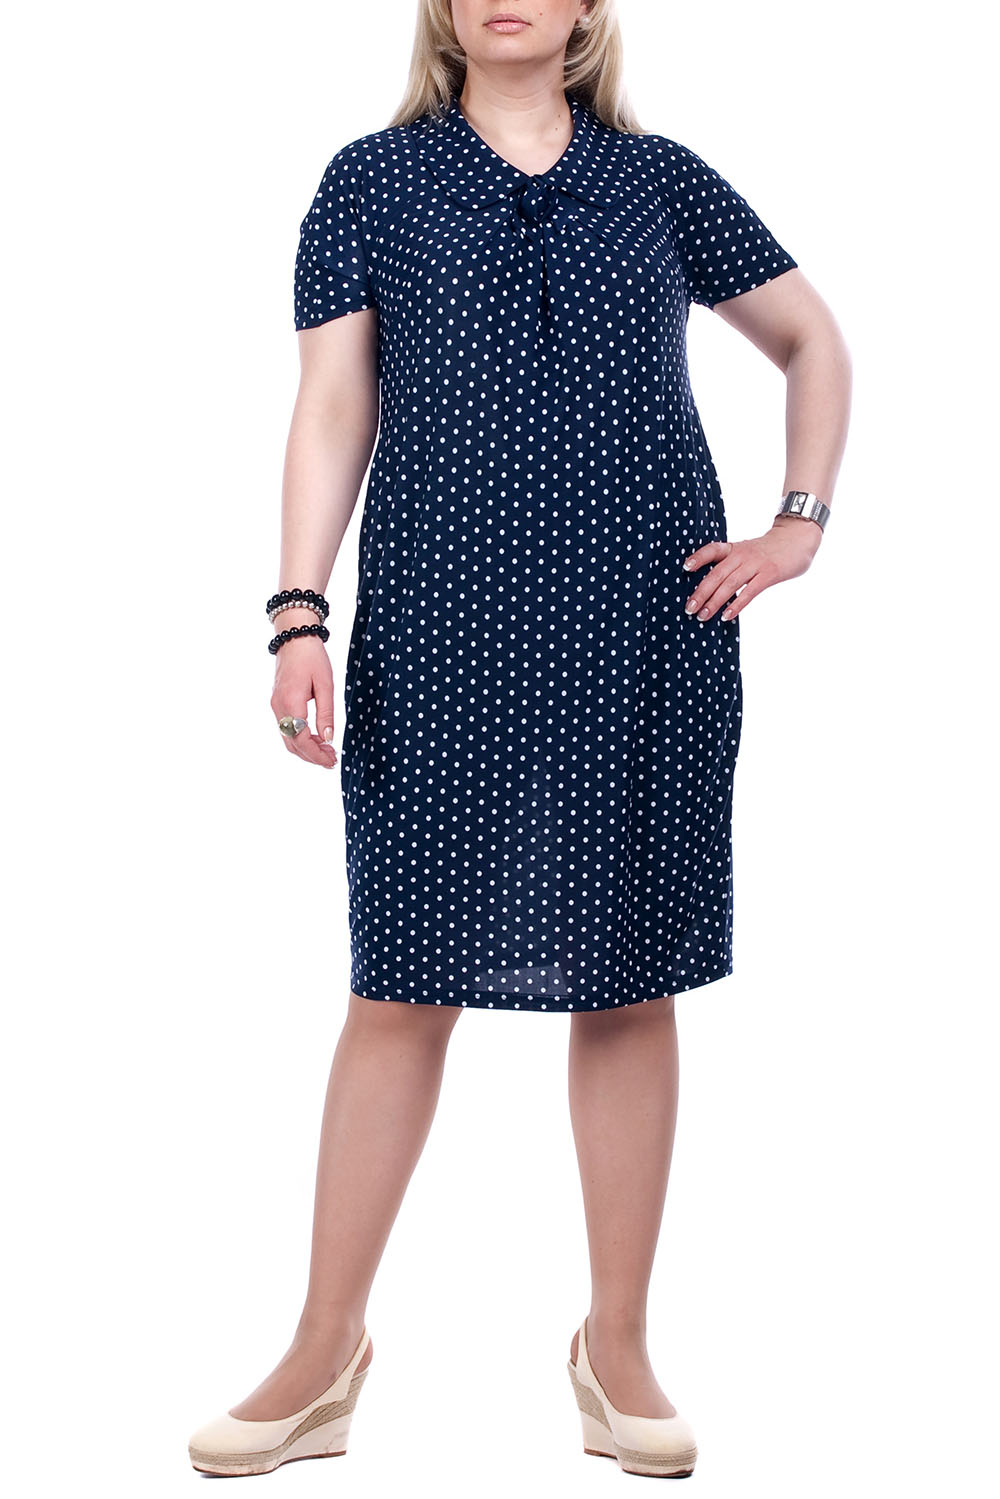 ПлатьеПлатья<br>Великолепное платье с короткими рукавами. Модель выполнена из приятного трикотажа в горошек. Отличный выбор для любого случая.  Цвет: синий, белый  Рост девушки-фотомодели 173 см<br><br>Воротник: Отложной<br>По длине: Ниже колена<br>По материалу: Трикотаж<br>По рисунку: В горошек,С принтом,Цветные<br>По силуэту: Полуприталенные<br>По стилю: Повседневный стиль<br>По форме: Платье - футляр<br>По элементам: С декором<br>Рукав: Короткий рукав<br>По сезону: Лето<br>Горловина: С- горловина<br>Размер : 52,54,62,64,66<br>Материал: Холодное масло<br>Количество в наличии: 9